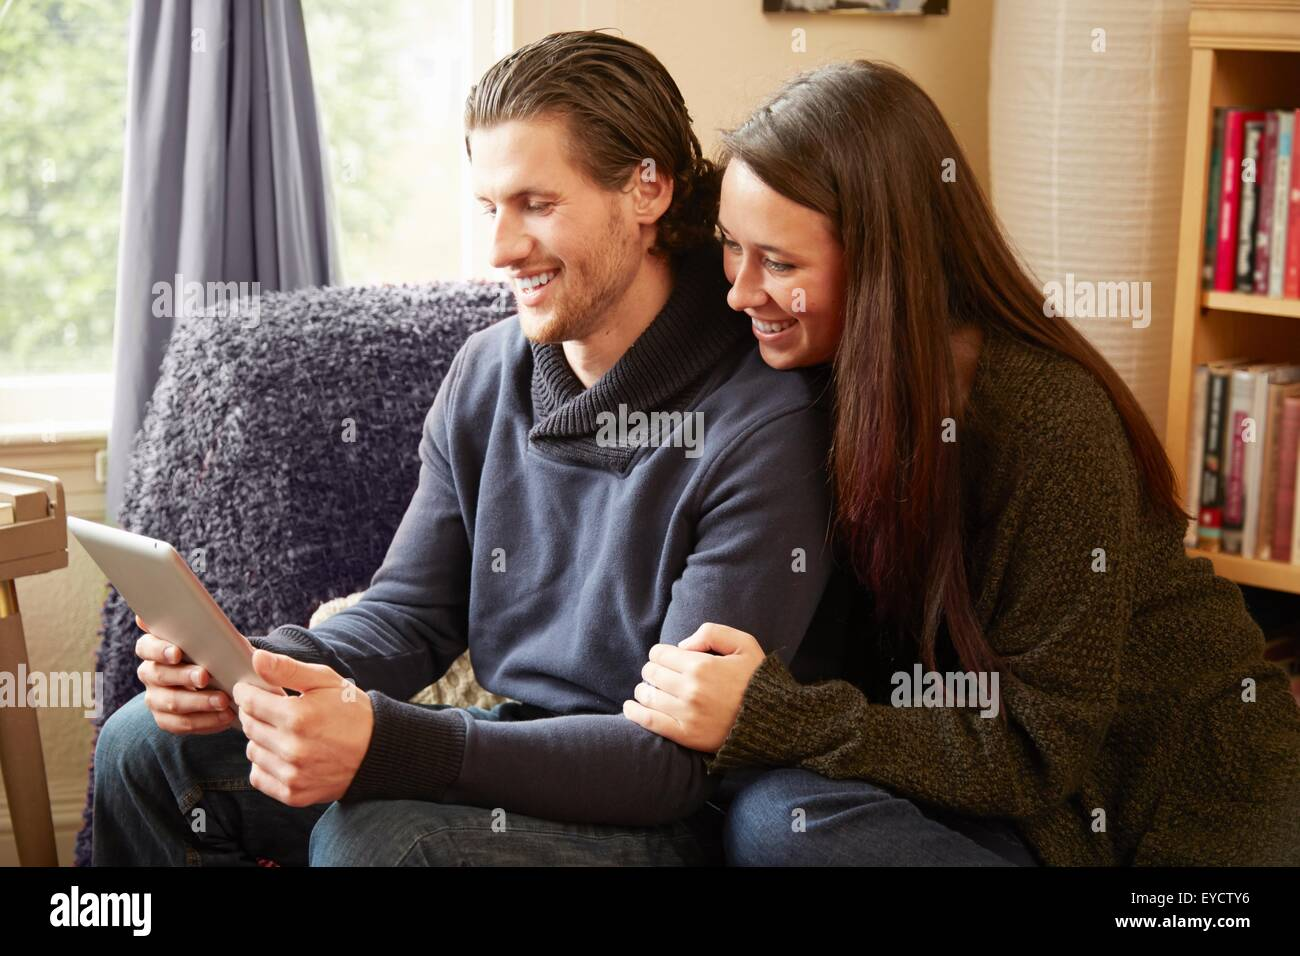 Pareja joven navegación tableta digital en el salón Imagen De Stock